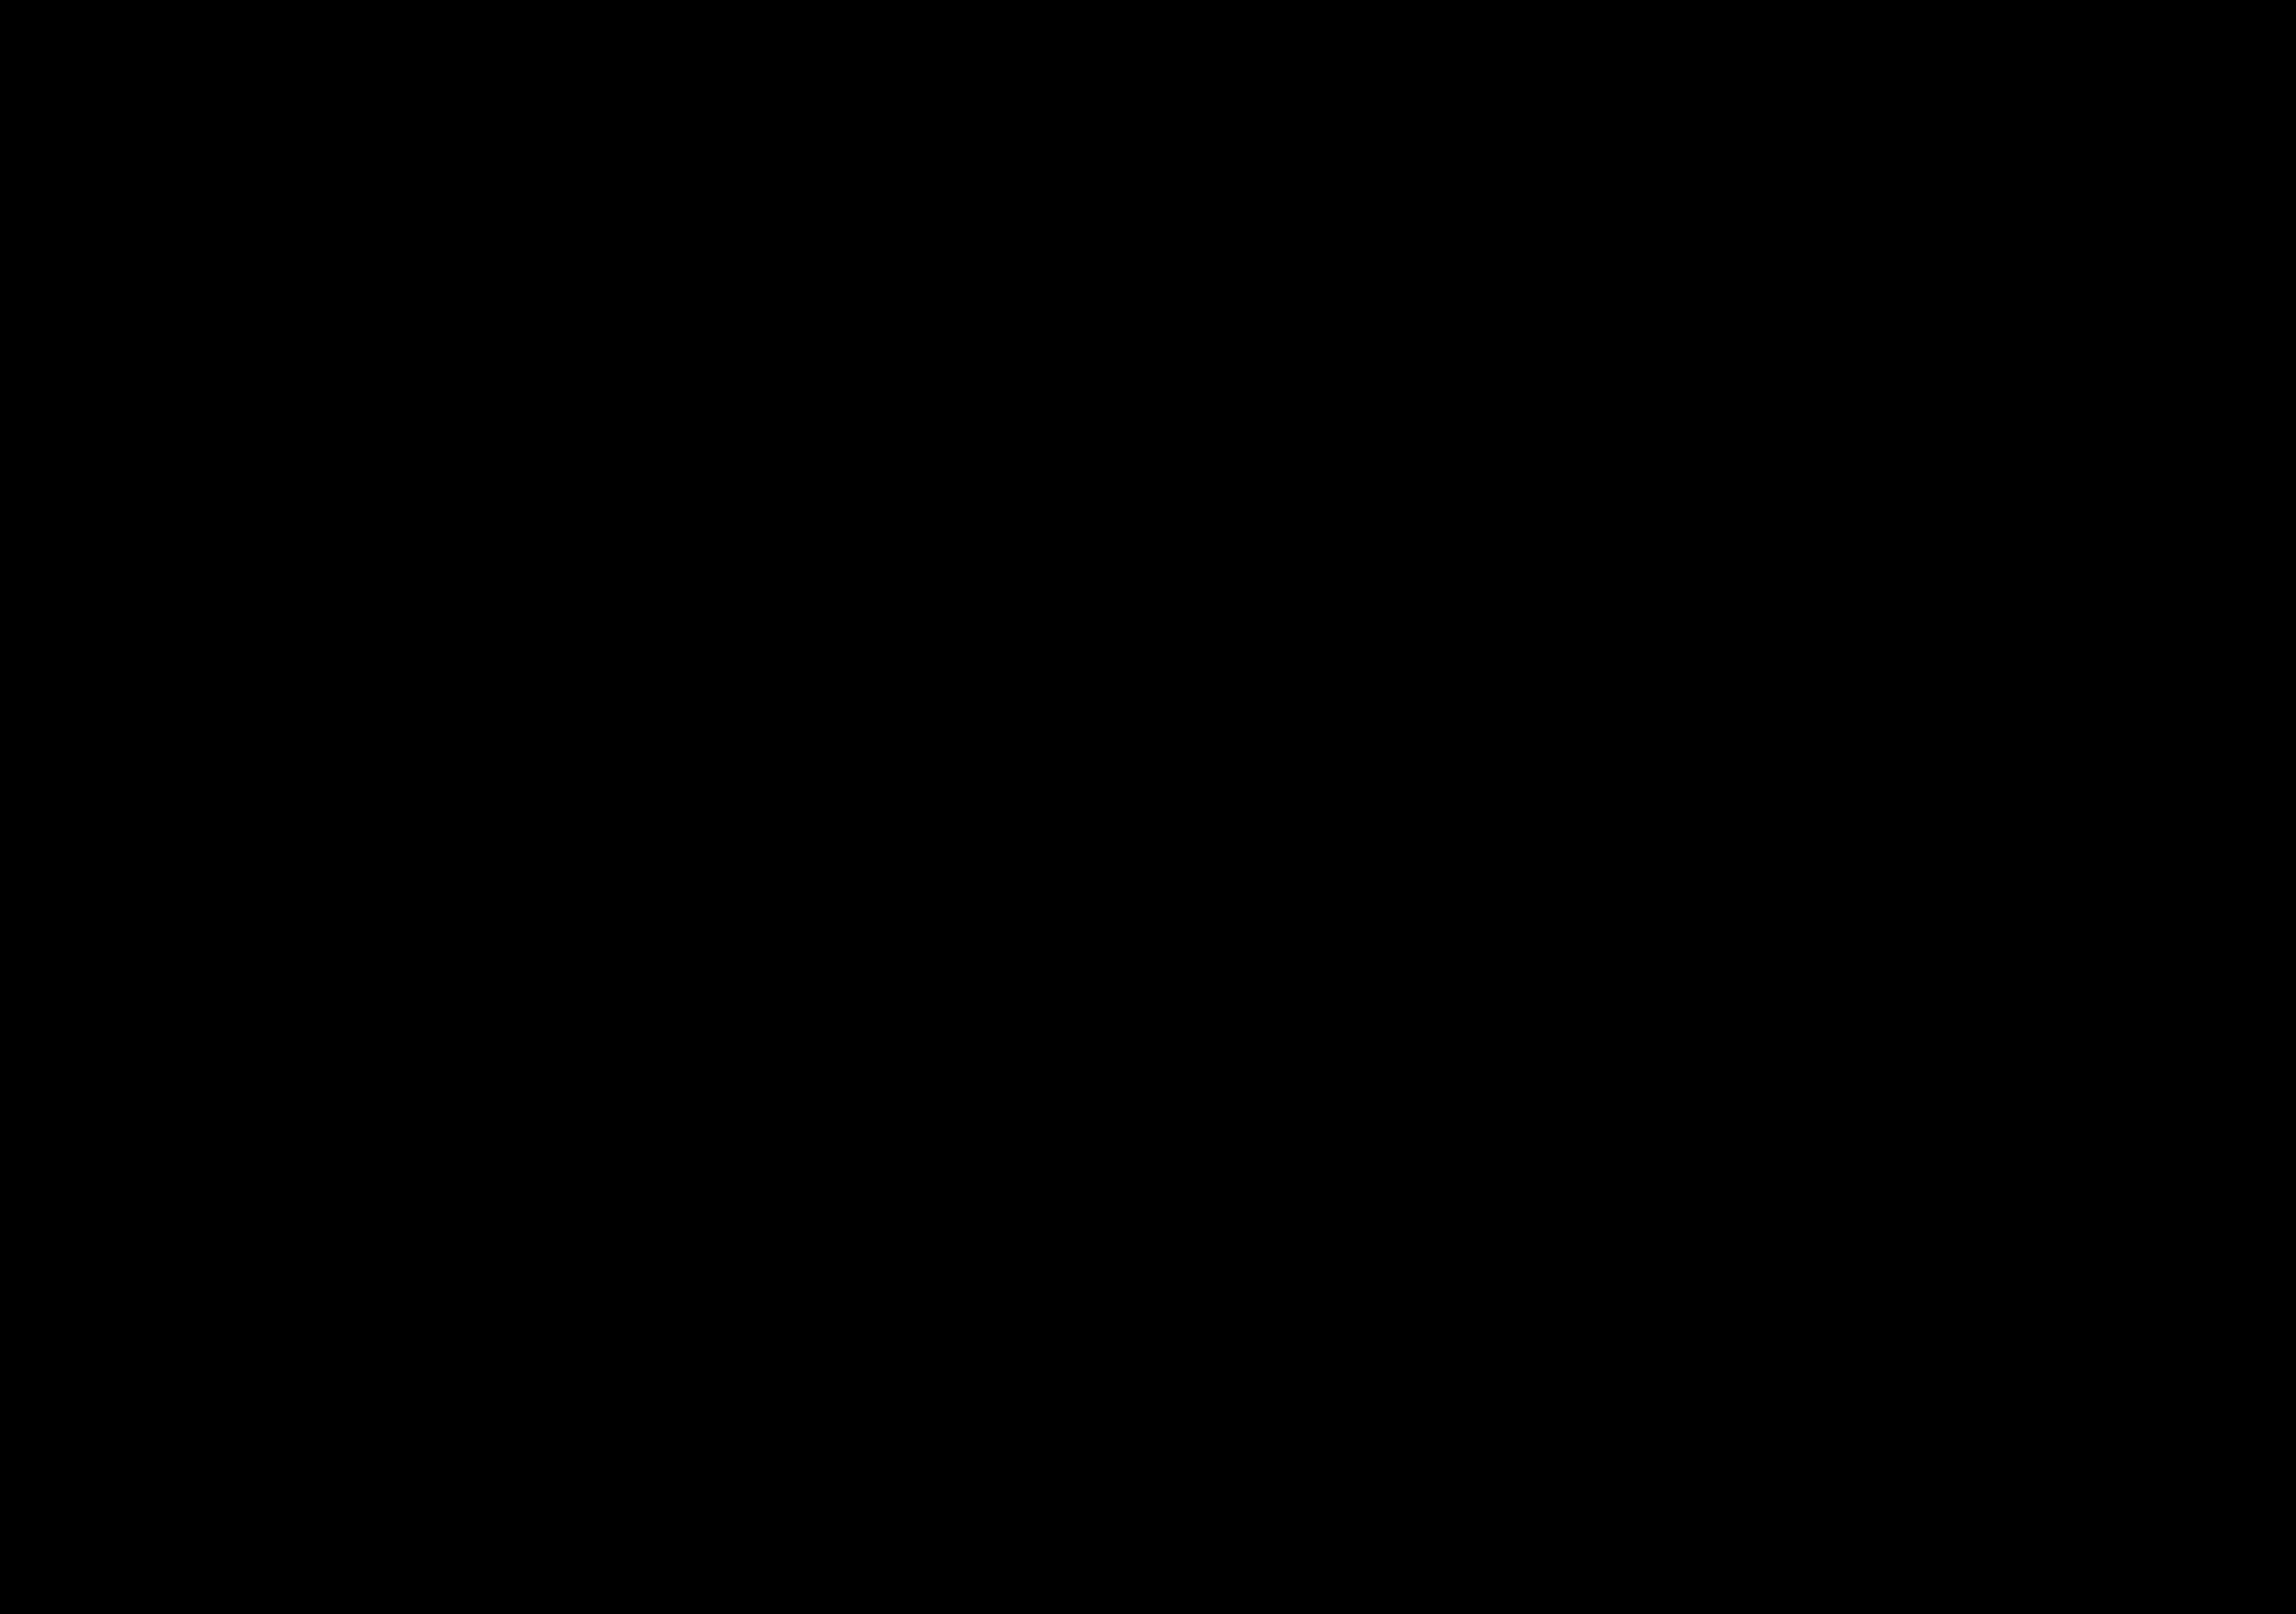 svg black and white Castle Disney logo